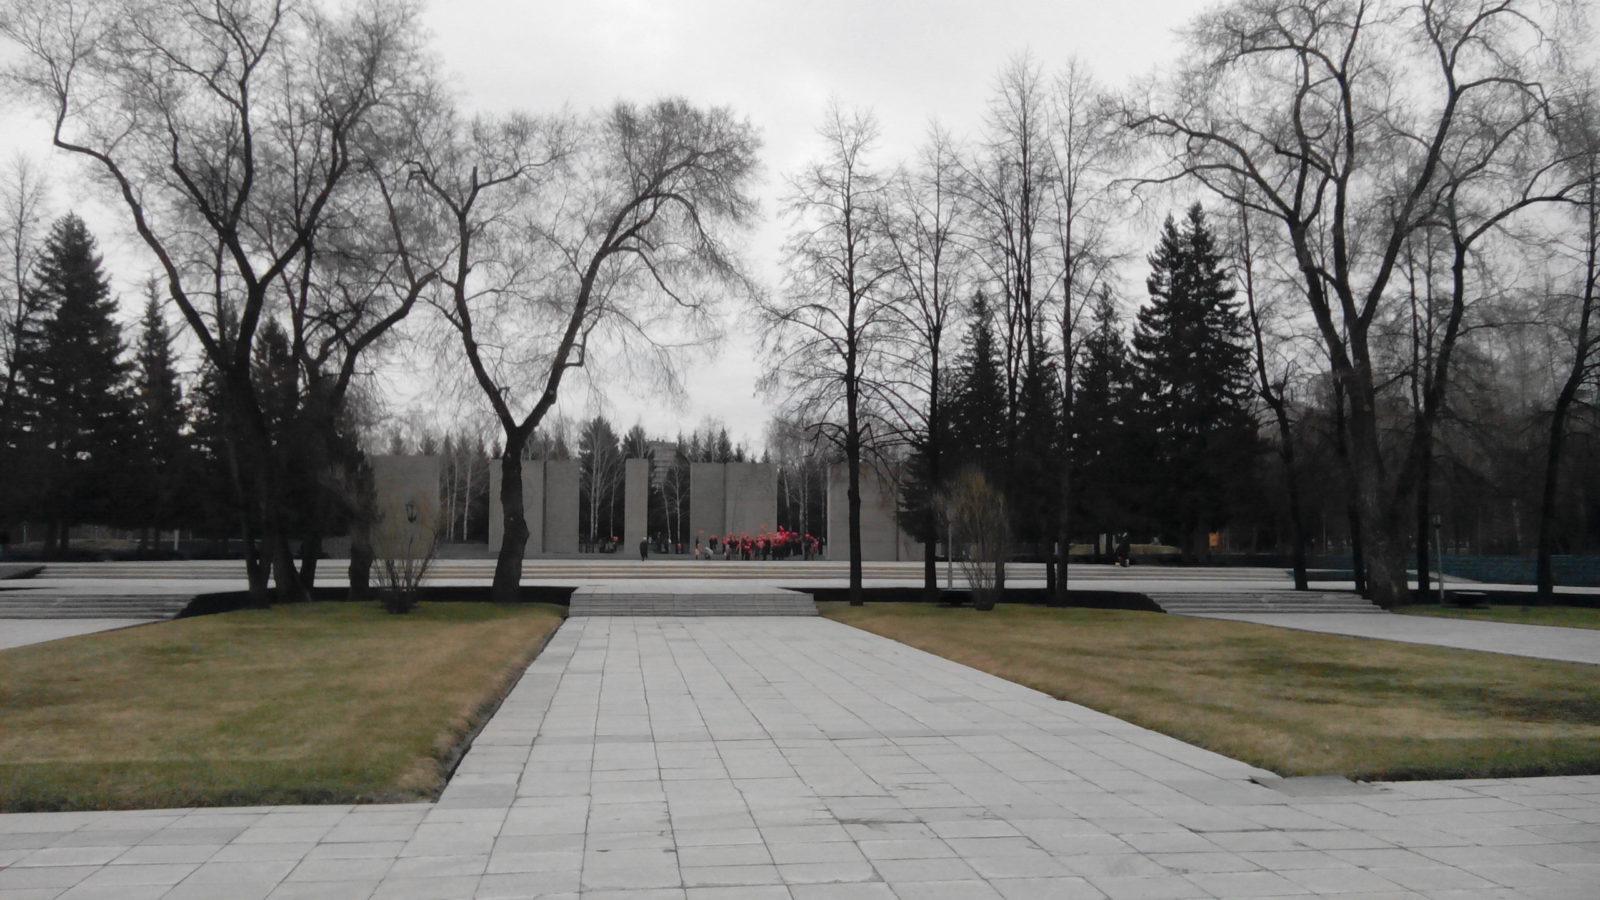 Фото Нашествие педофилов: новосибирцы пожаловались на приставания взрослых мужчин к детям осенью в Новосибирске 3